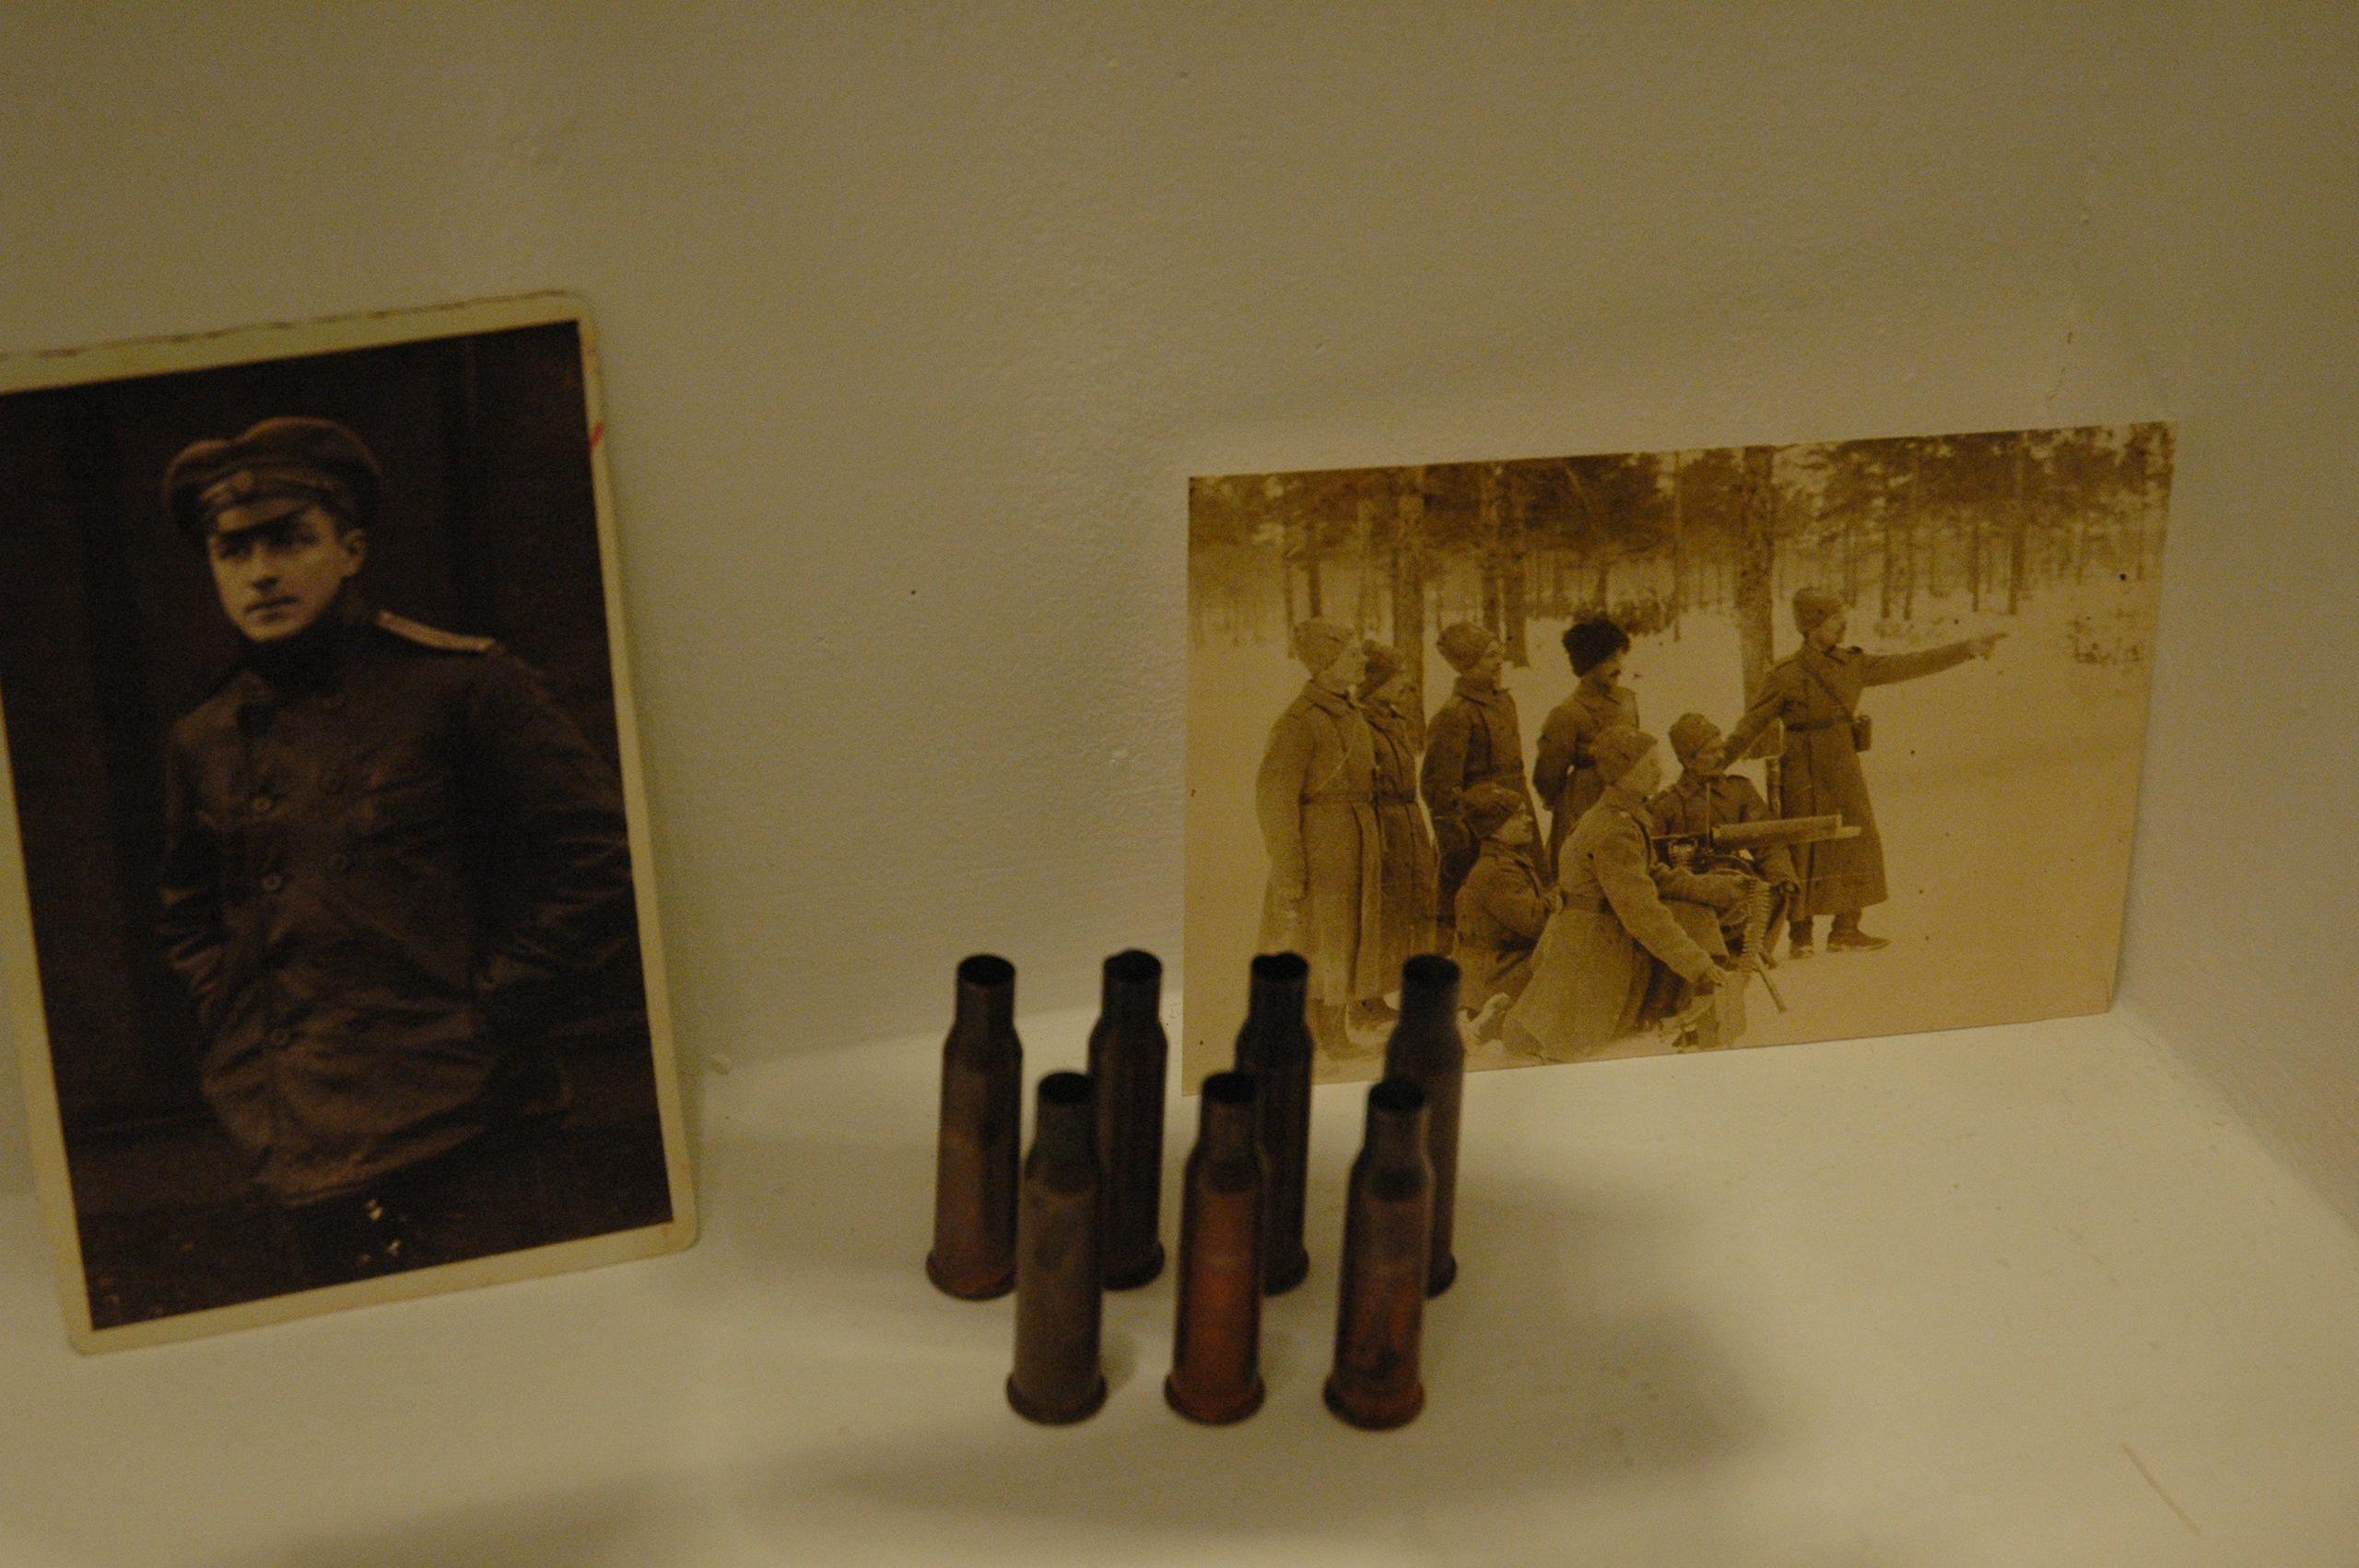 Побежденные, но незабытые: вологжане собрали 23686 имен участников Первой мировой войны